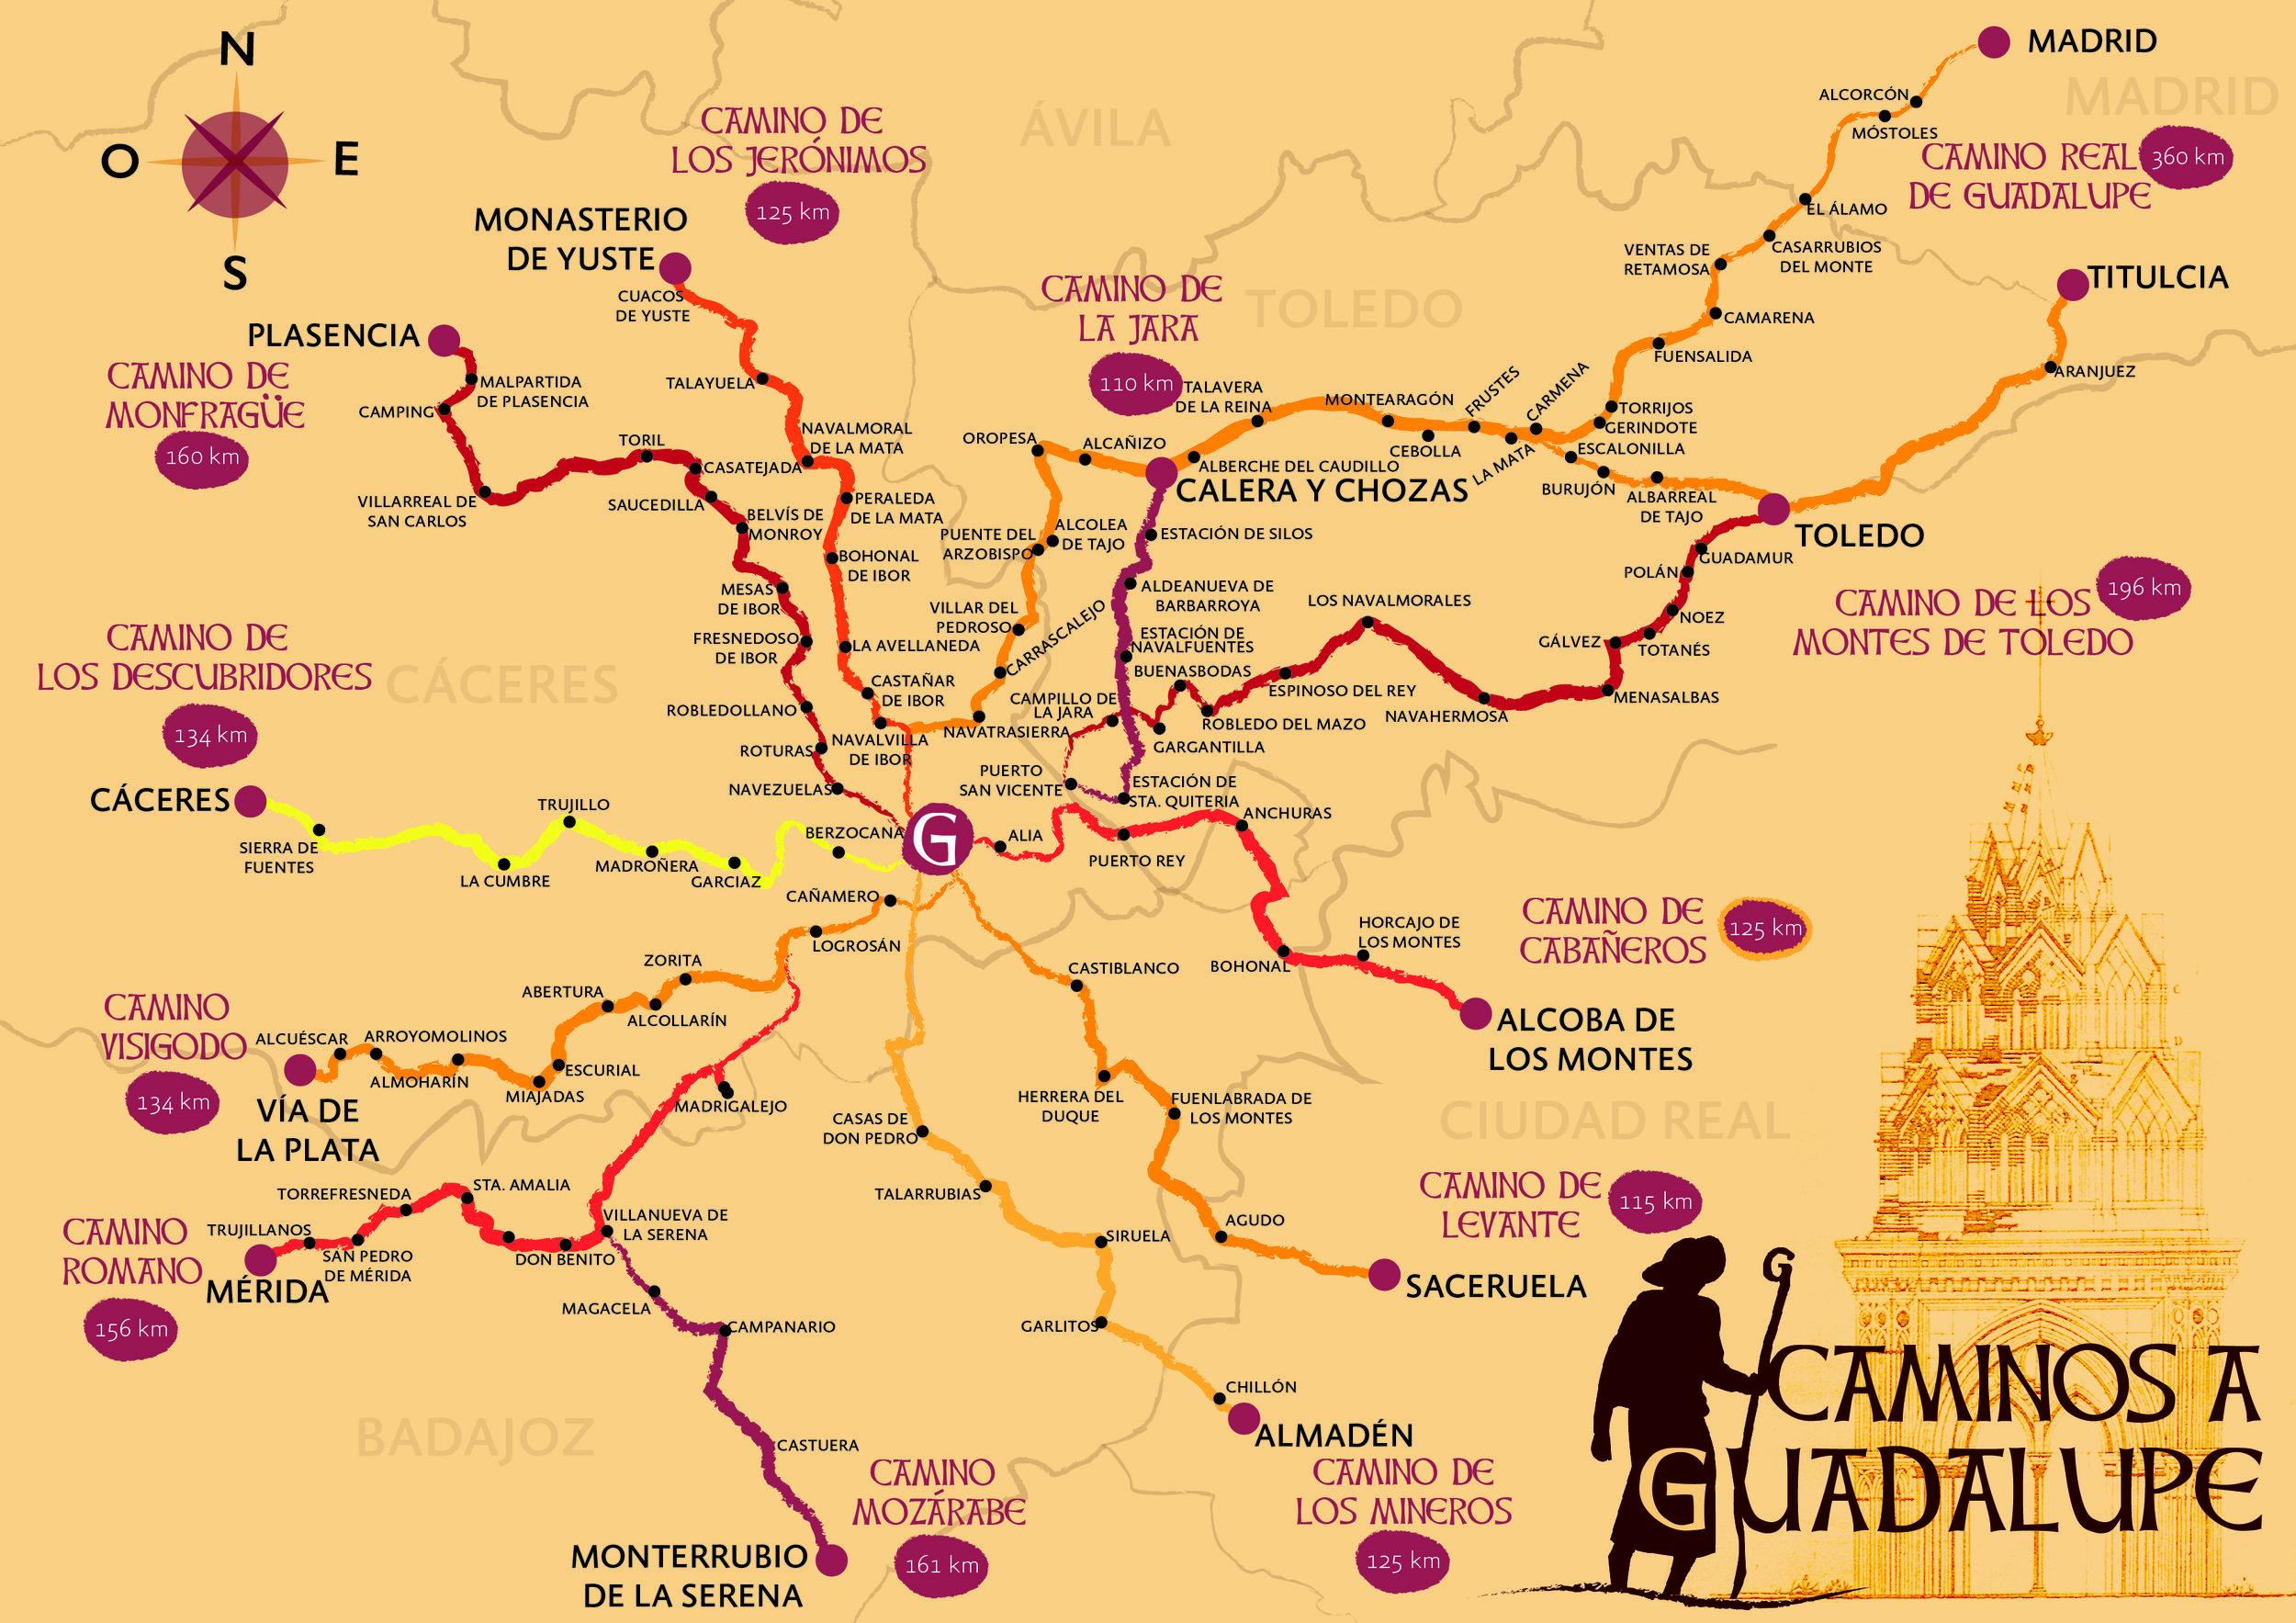 mapa caminos-03.jpg